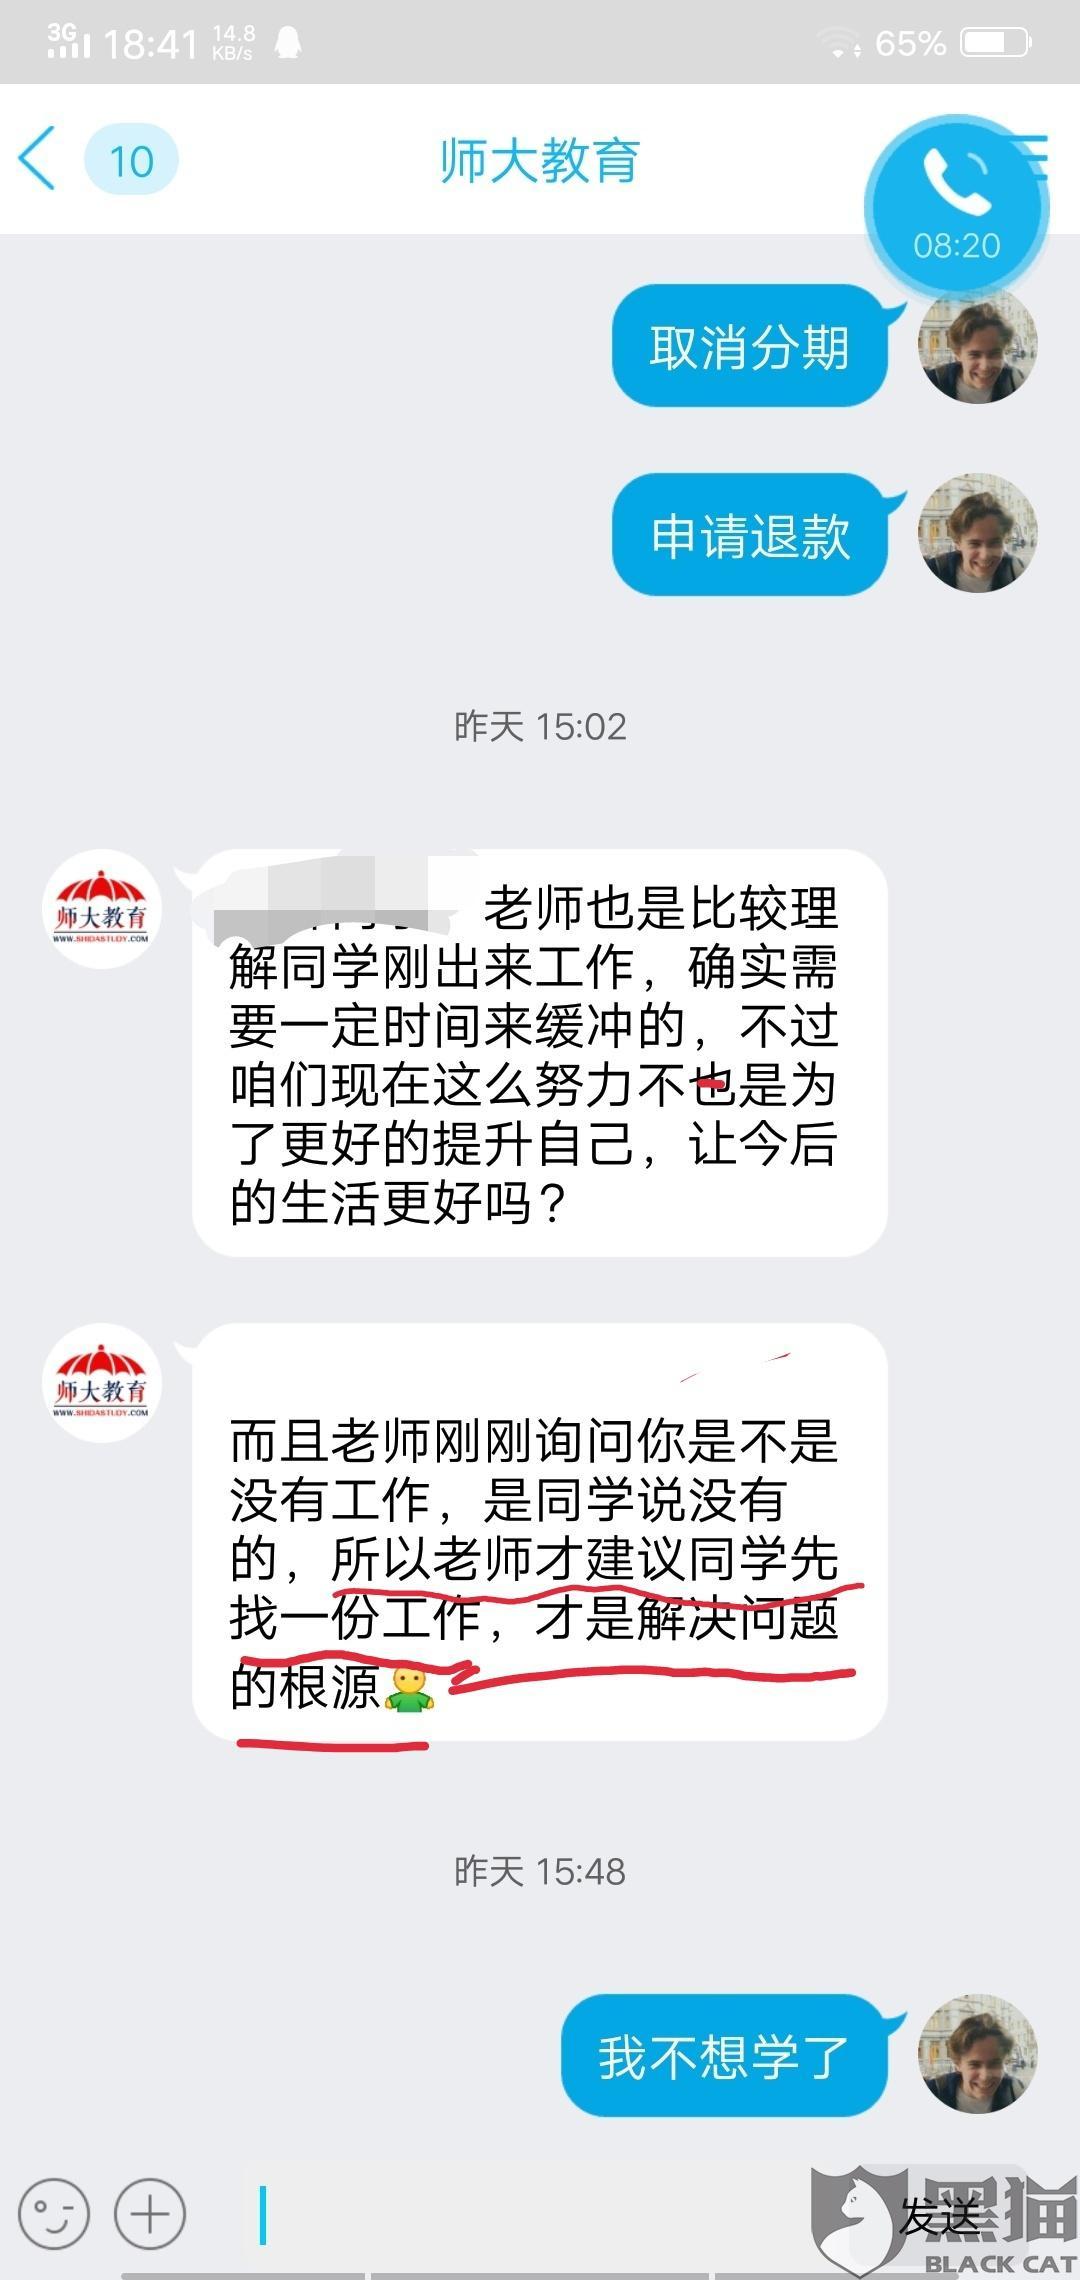 黑猫投诉:师大教育老师不给退款(已解决)_驾校新规定